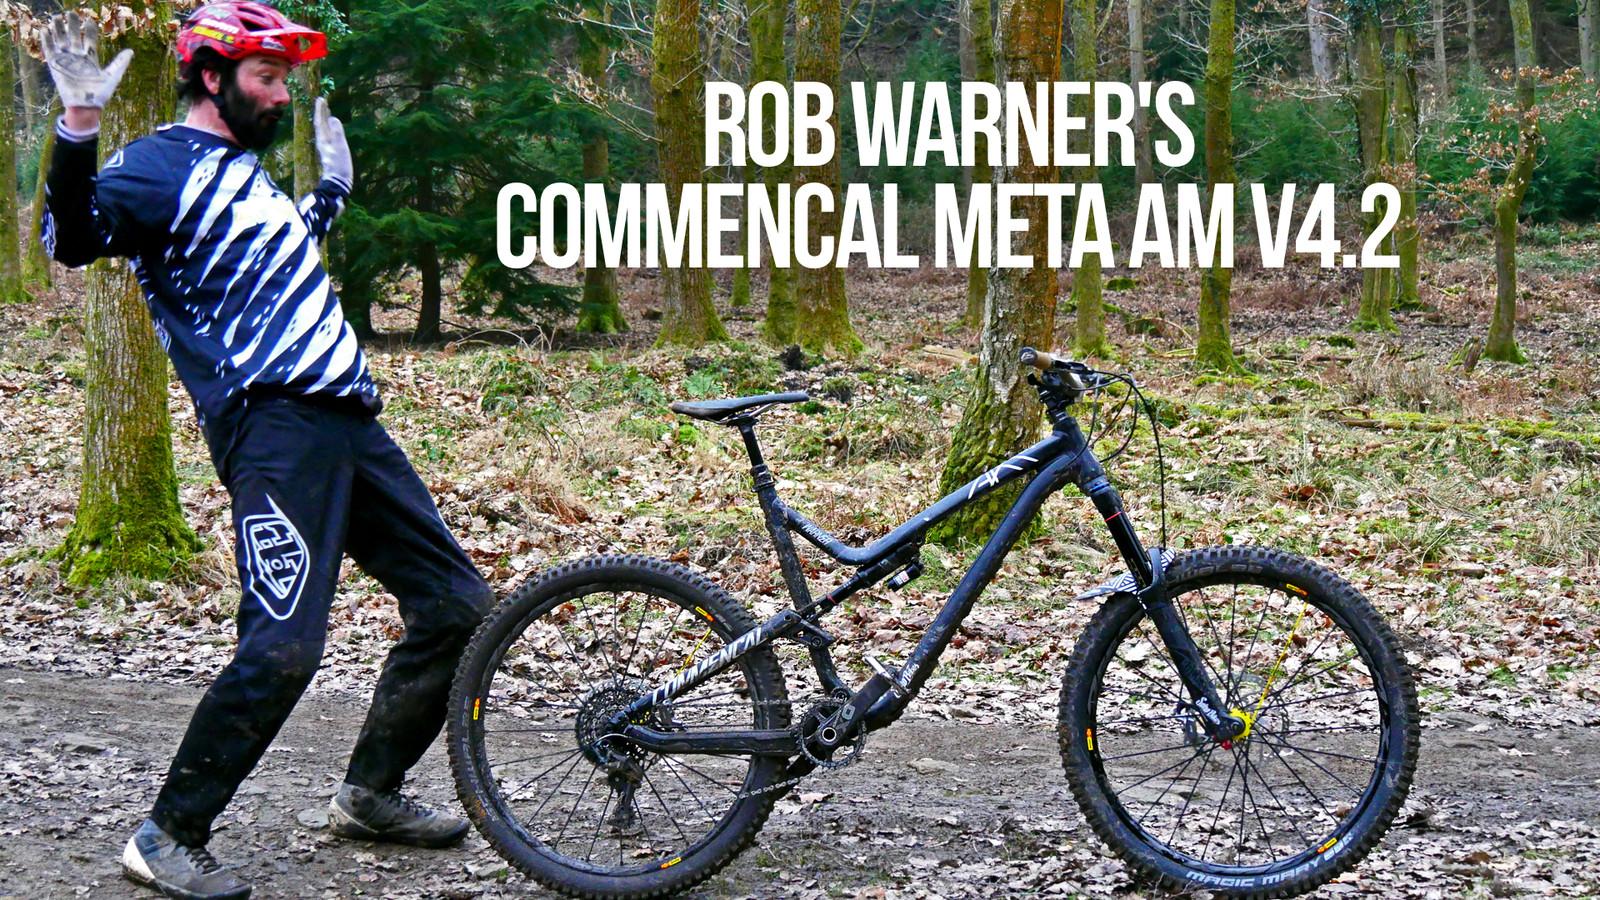 Rob Warner's Commencal Meta AM V4.2